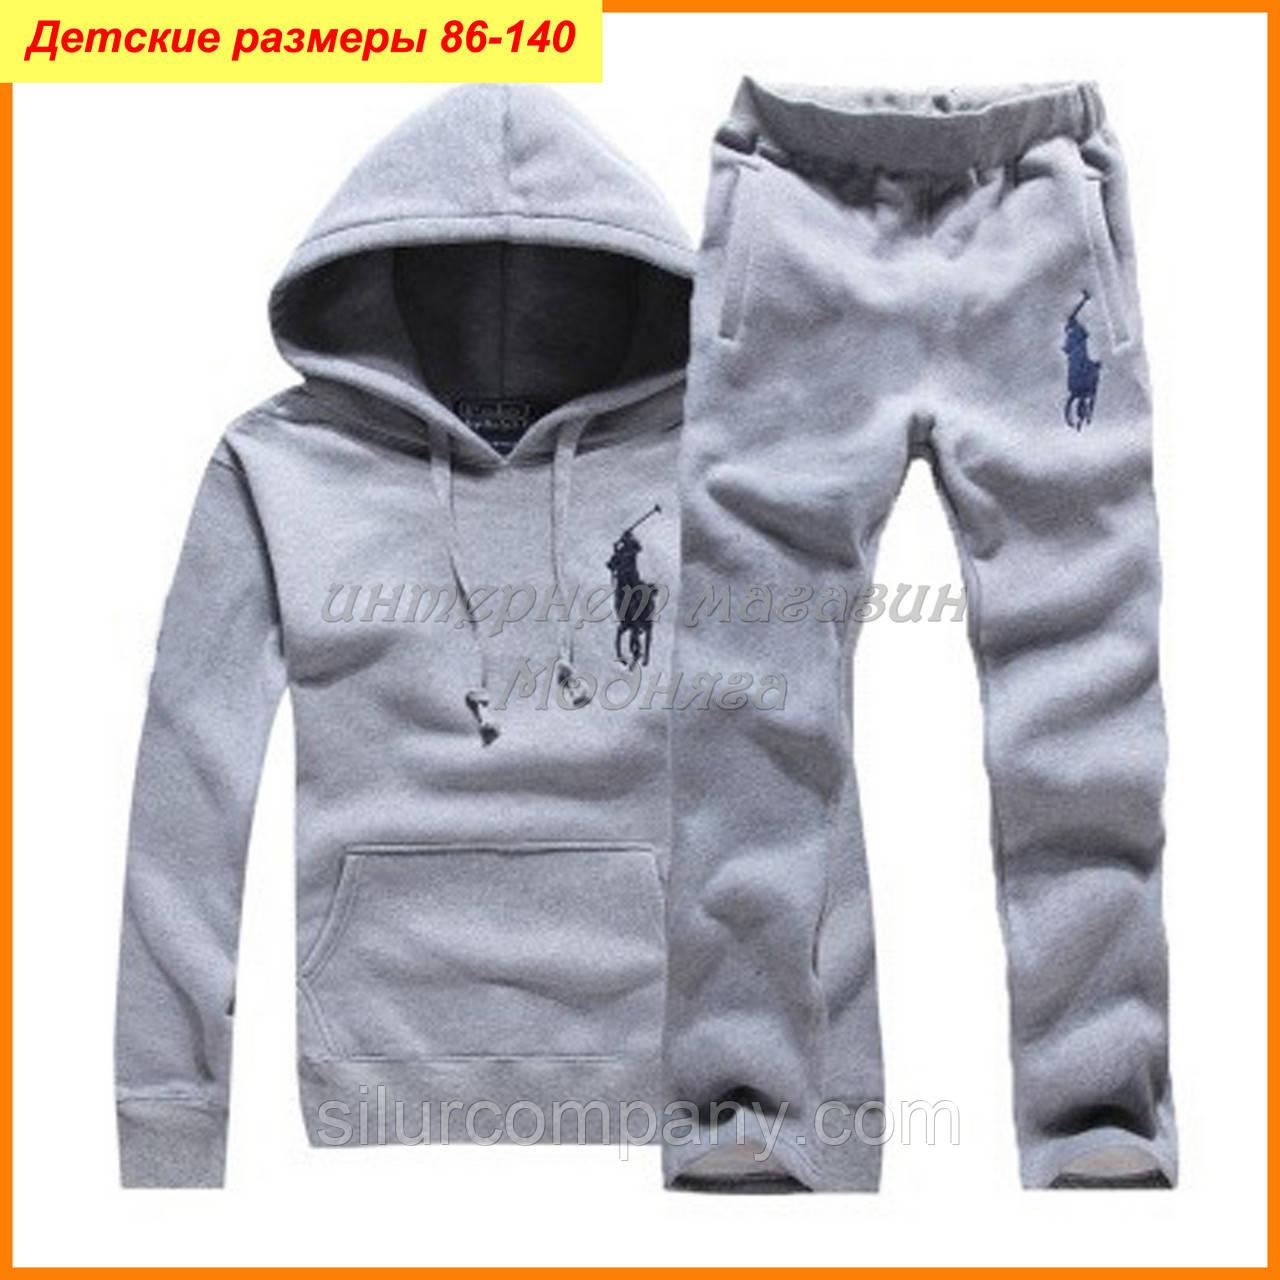 Спортивная одежда для детей Интернет-магазин детской одежды, фото 1 -5%  Скидка c09074a827c